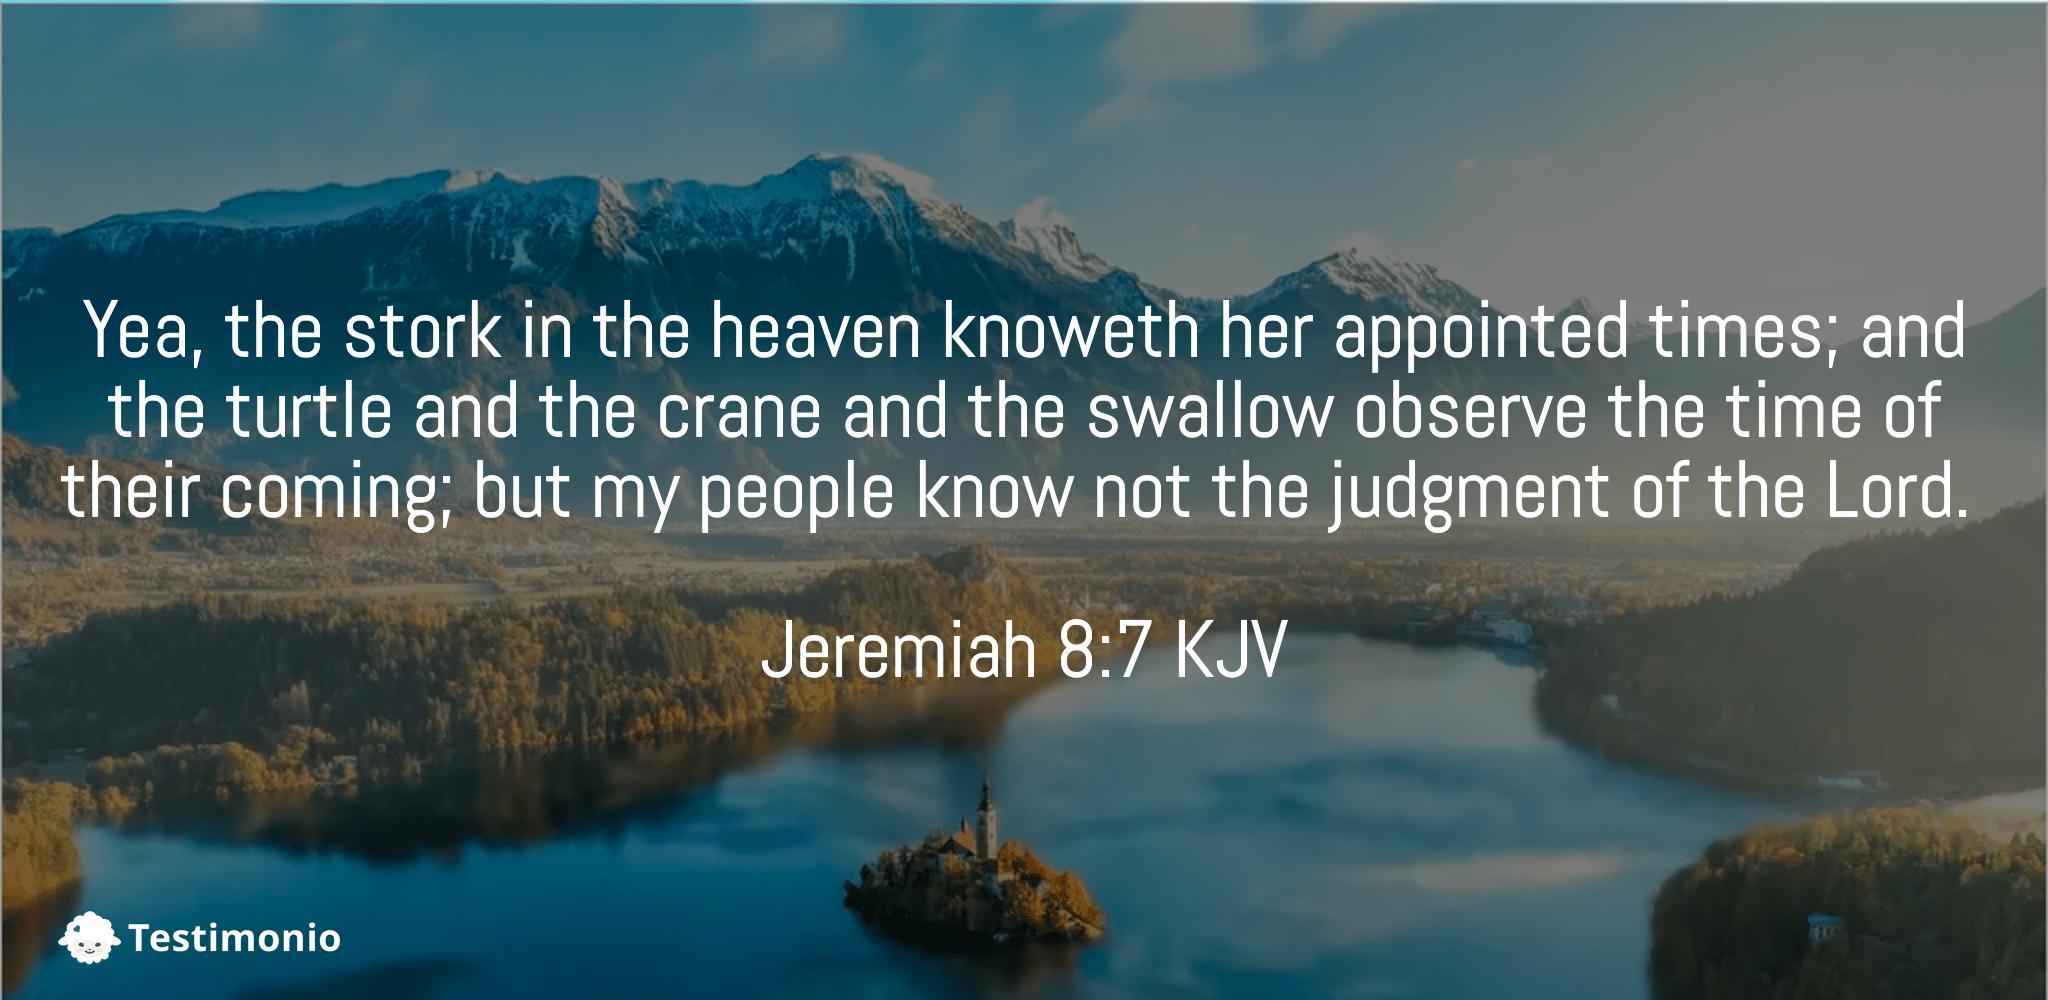 Jeremiah 8:7